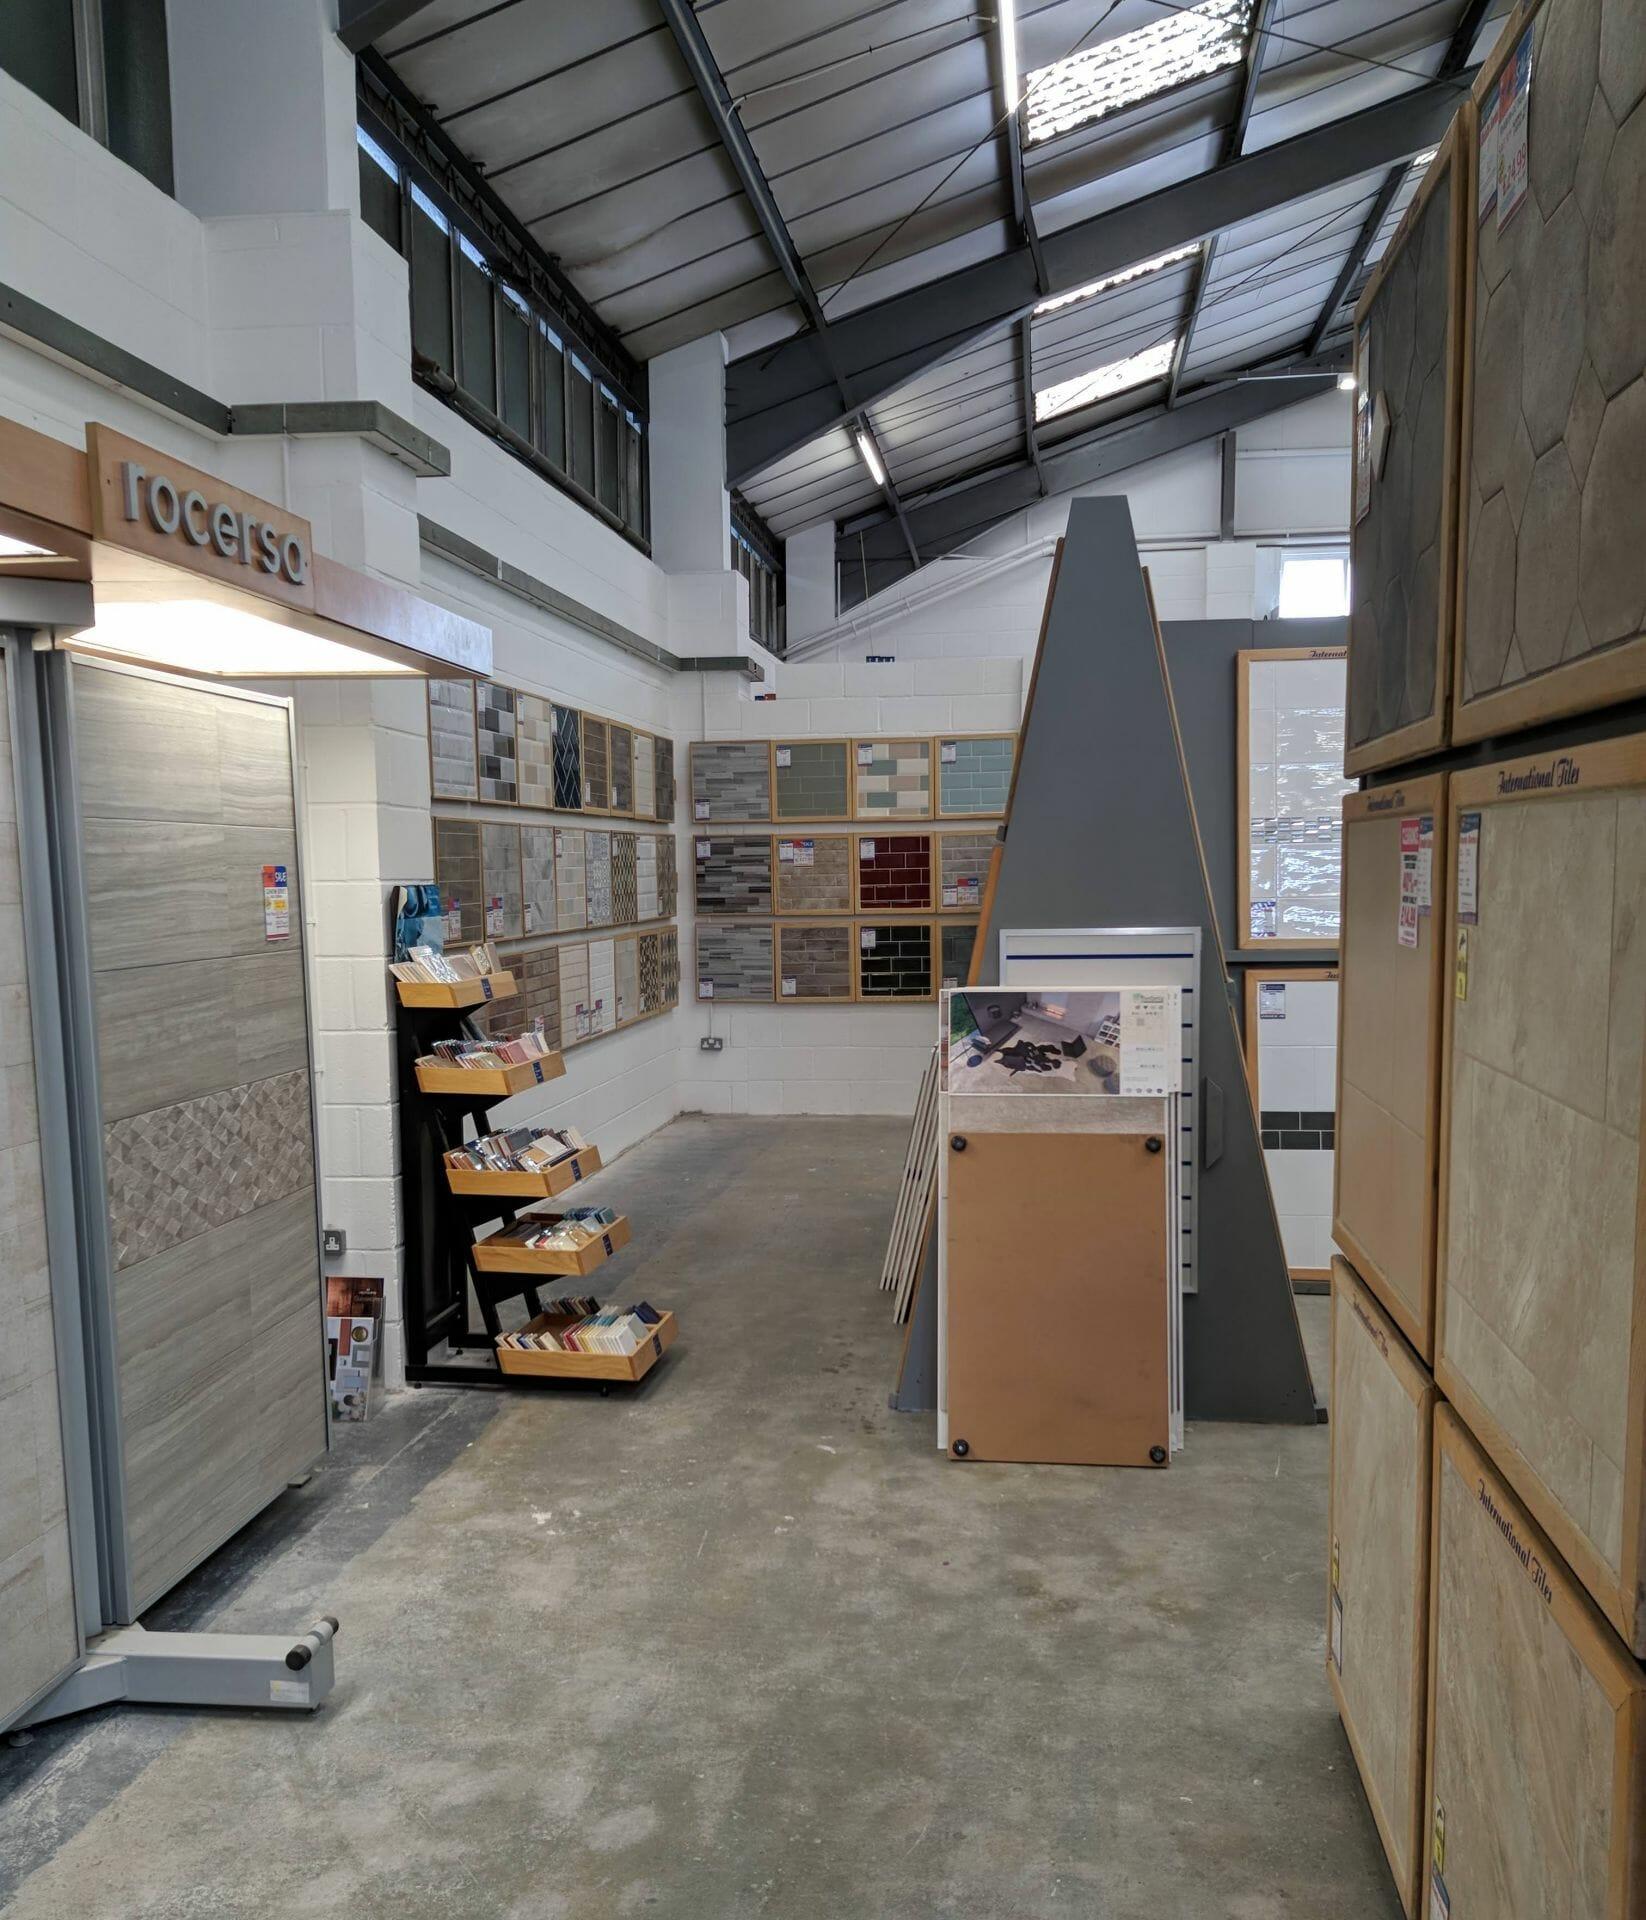 local-tile-shop-bridgwater